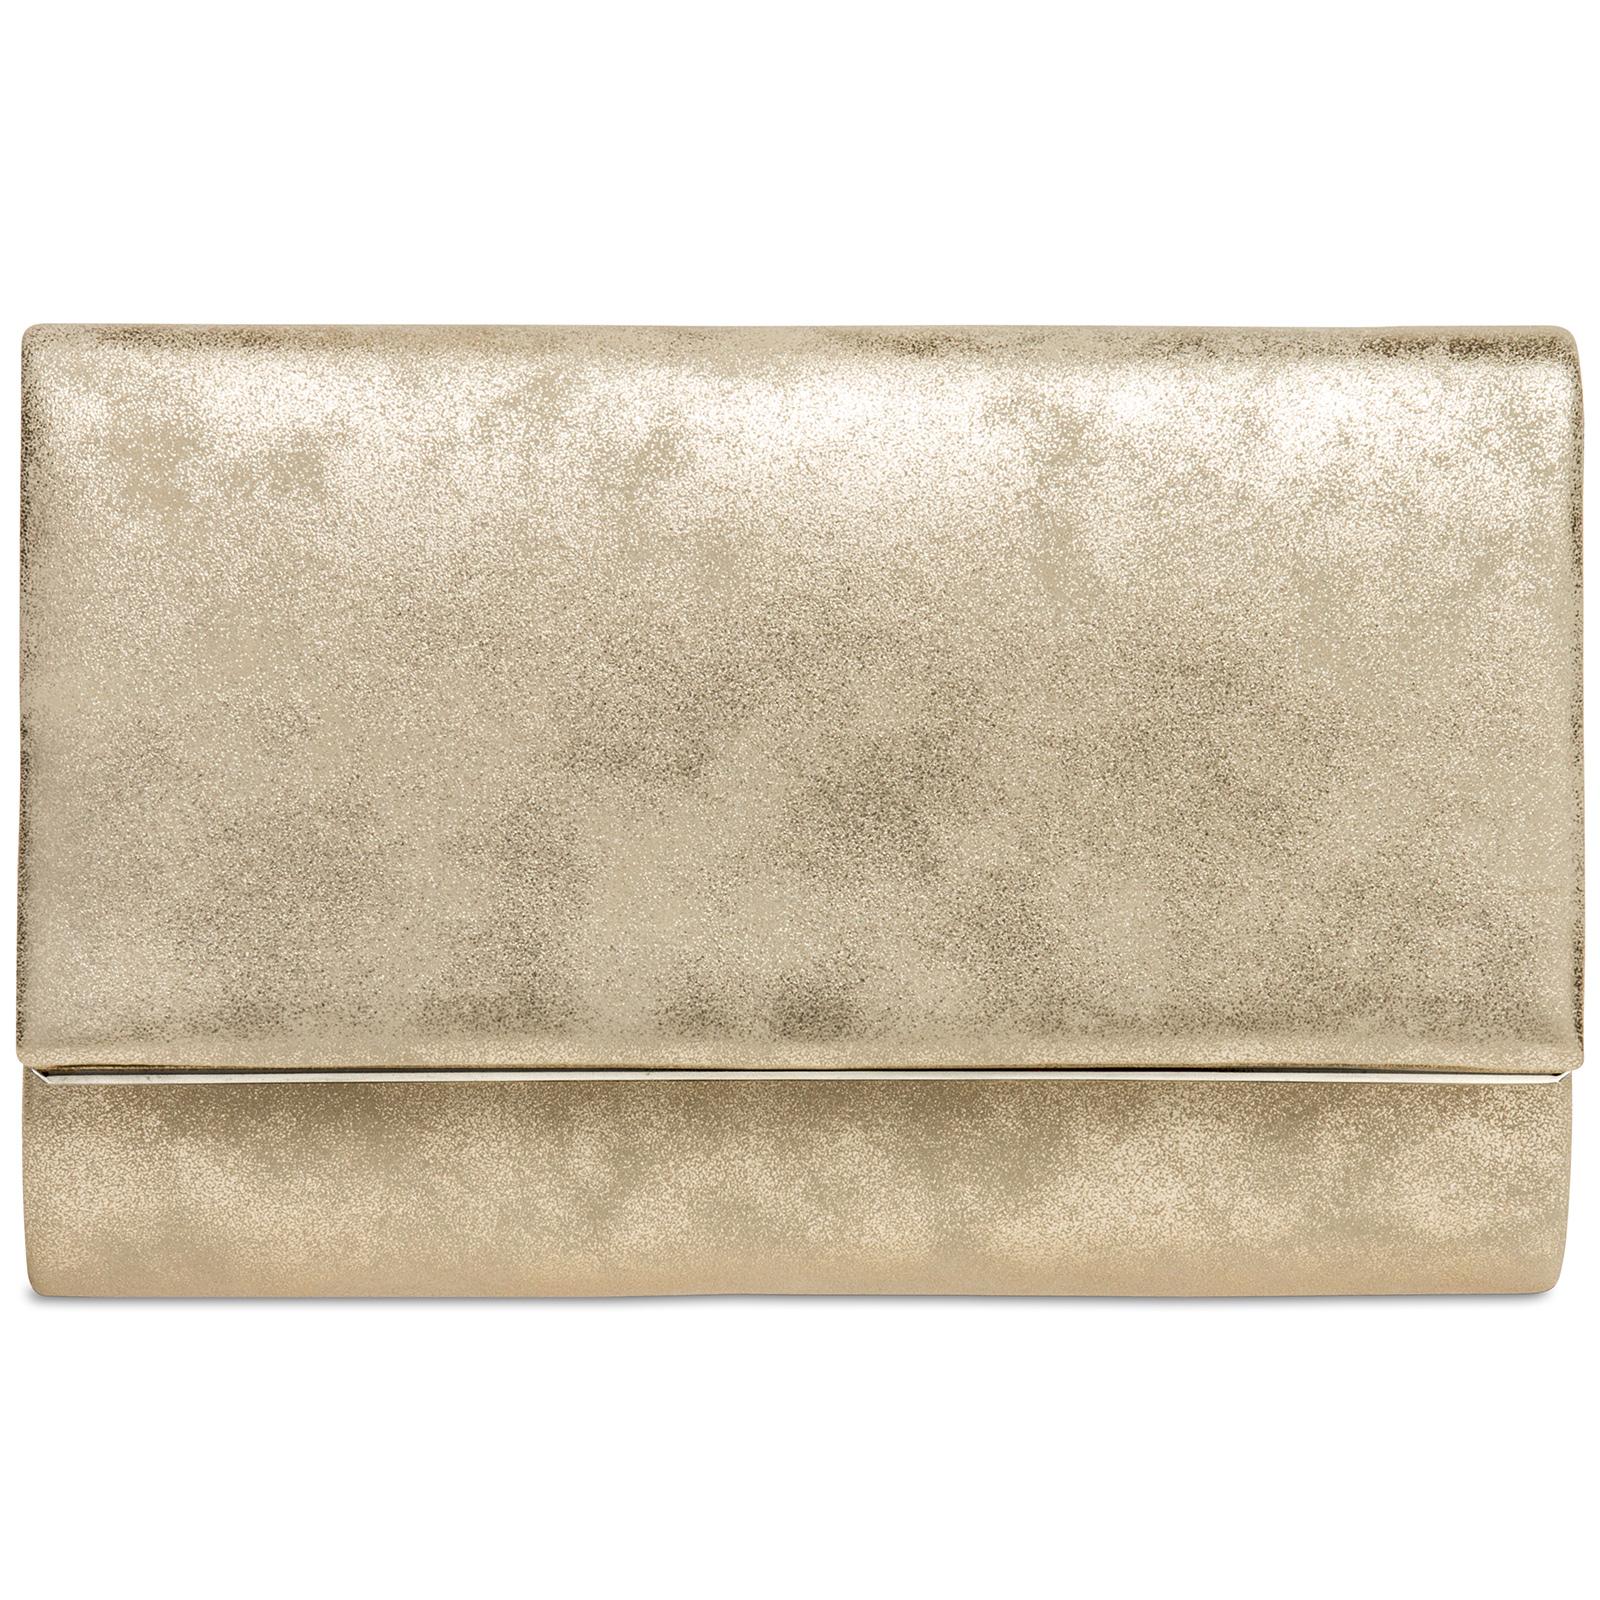 5315bd0896ca7 CASPAR TA381 Damen elegante Envelope Clutch Tasche   Abendtasche mit ...